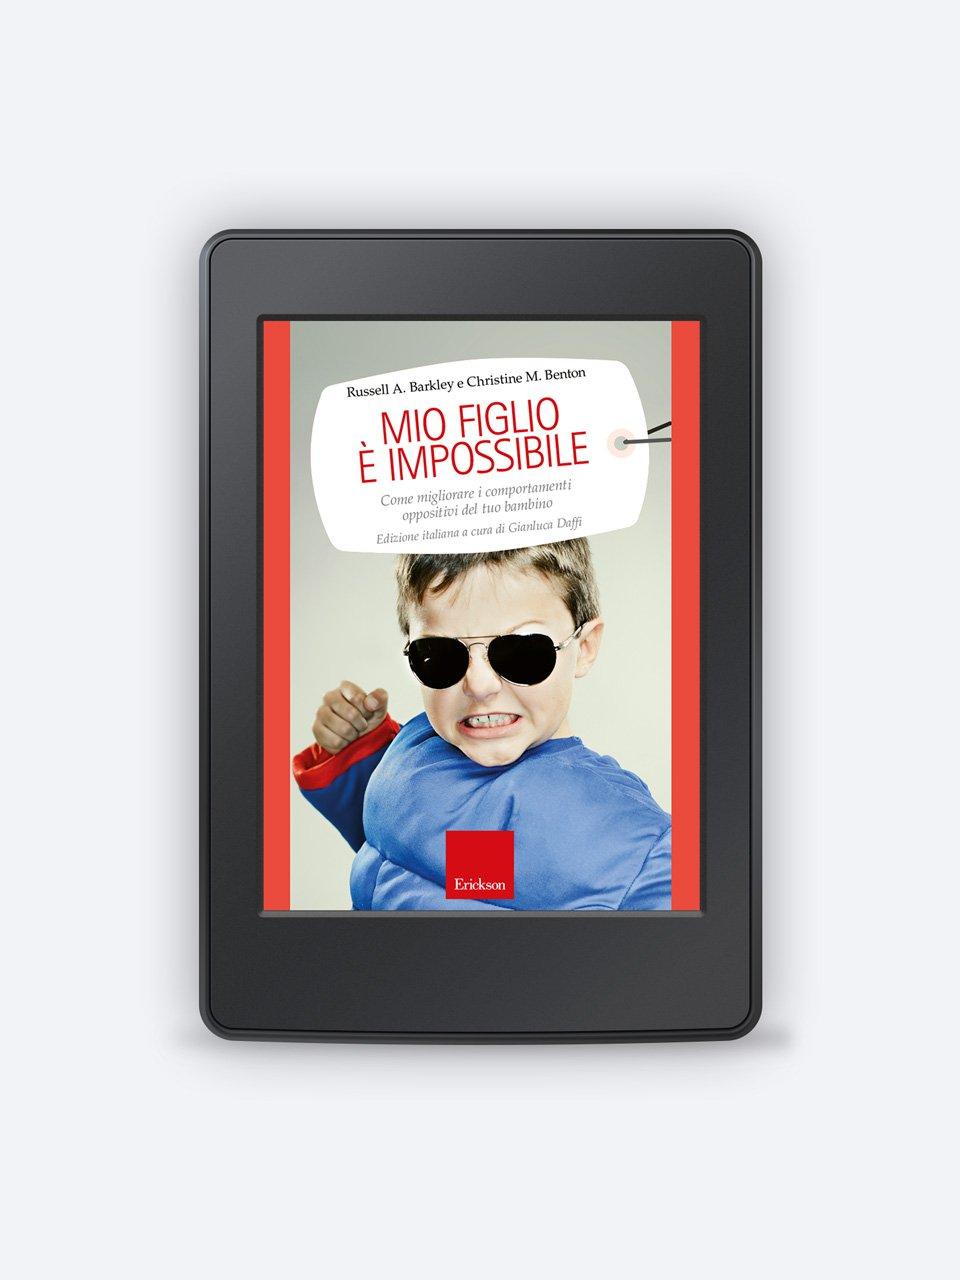 Mio figlio è impossibile - Libri - Erickson 3